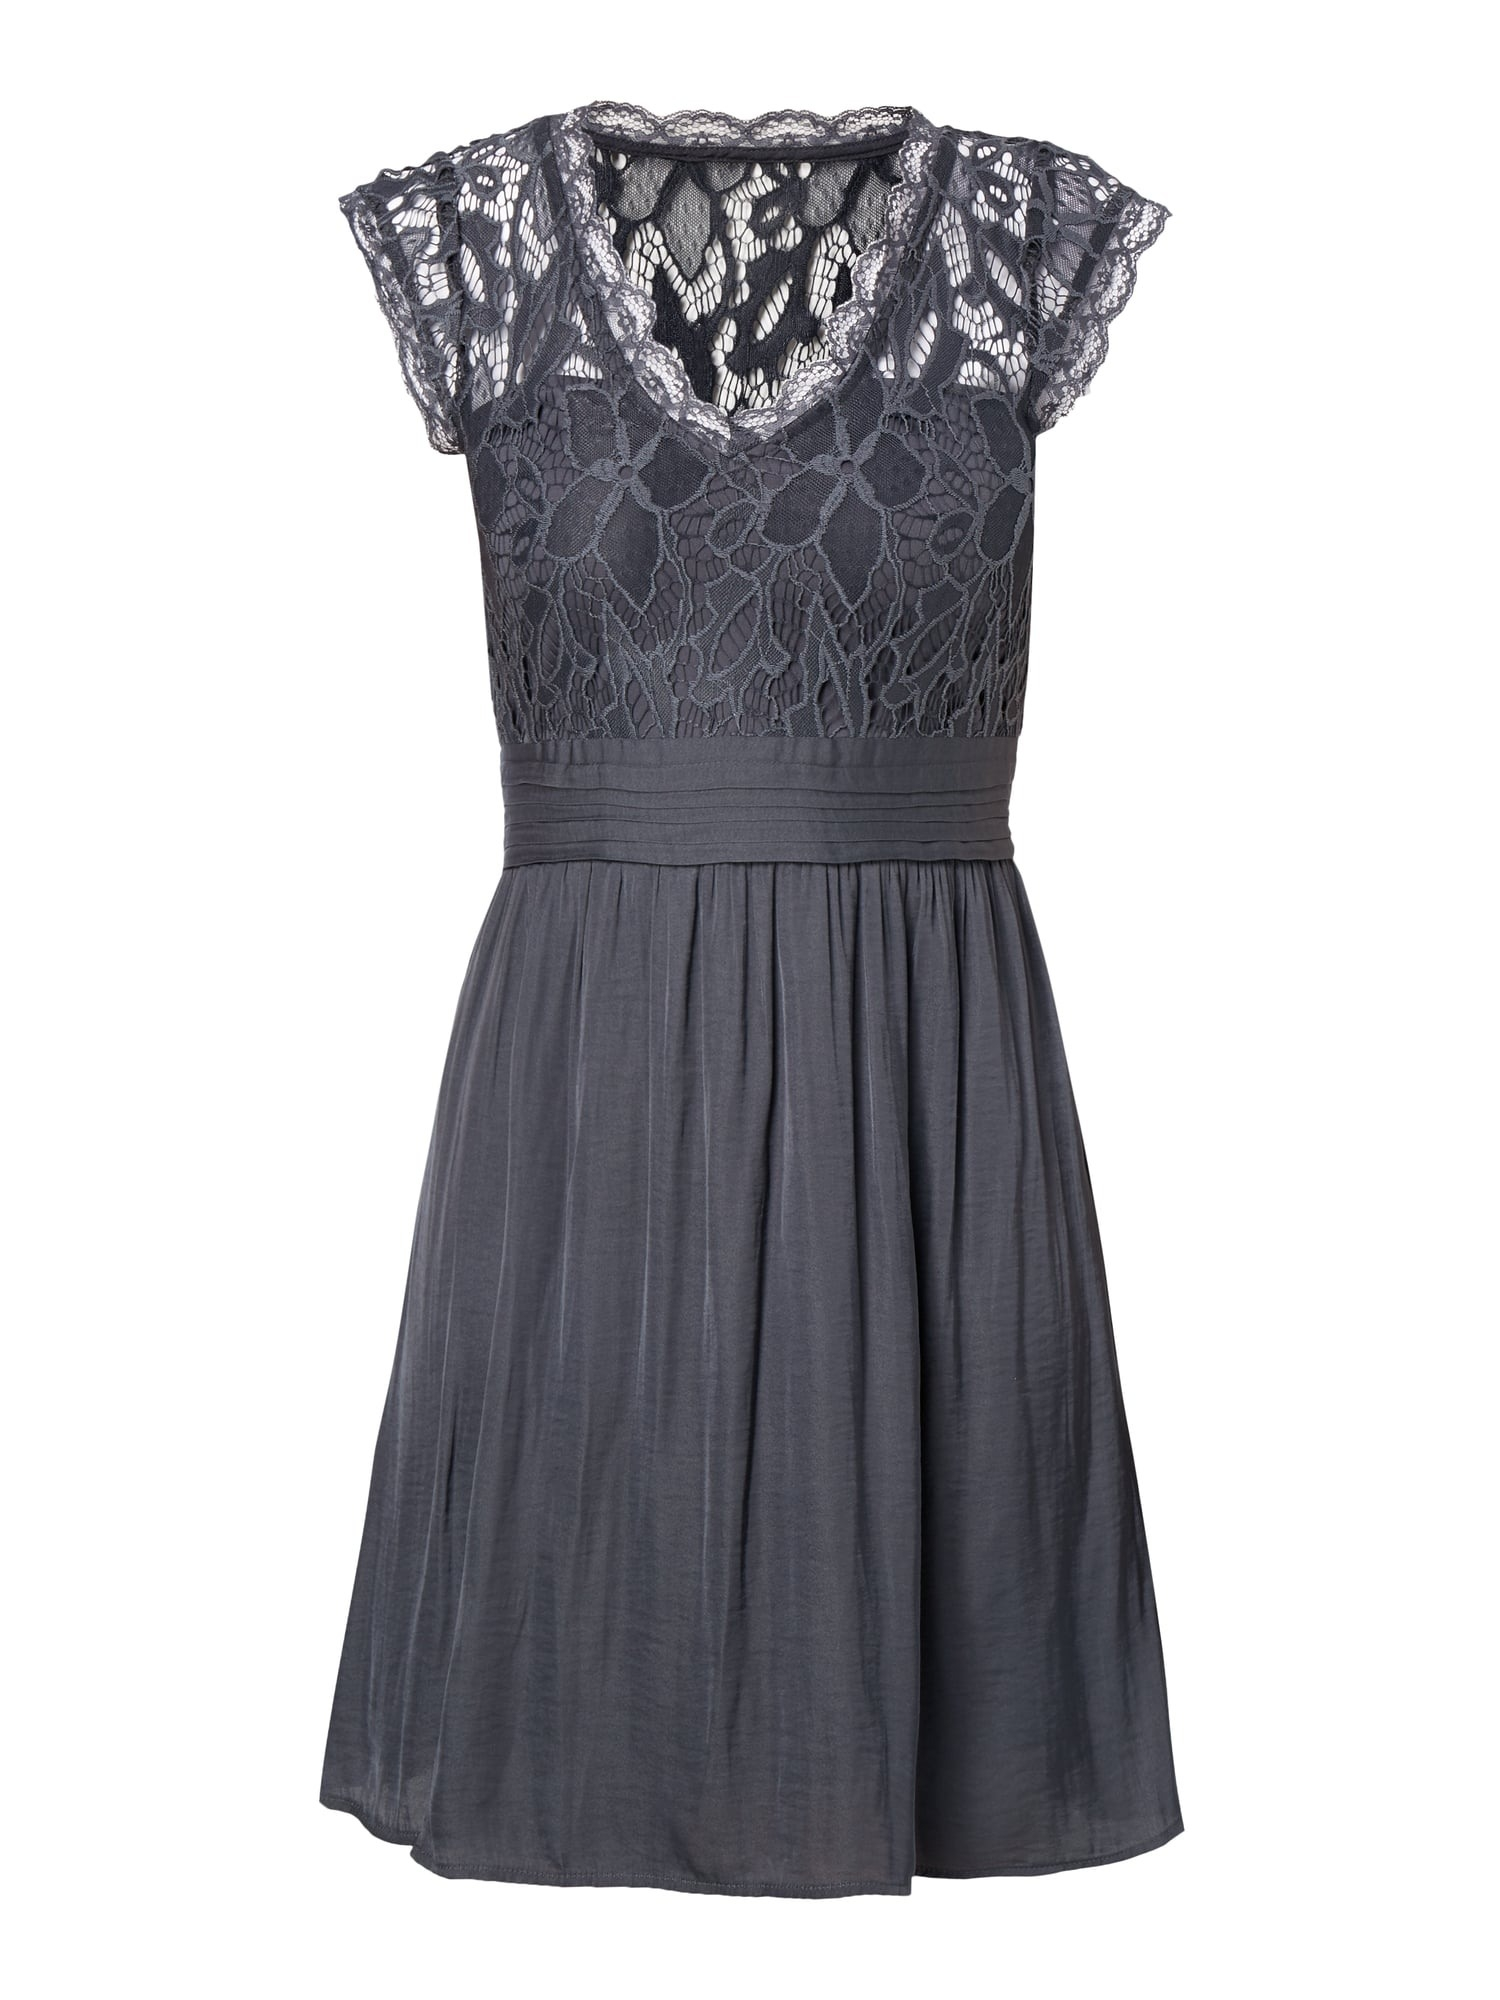 15 Top Blaues Kleid Mit Spitze GalerieAbend Kreativ Blaues Kleid Mit Spitze Spezialgebiet